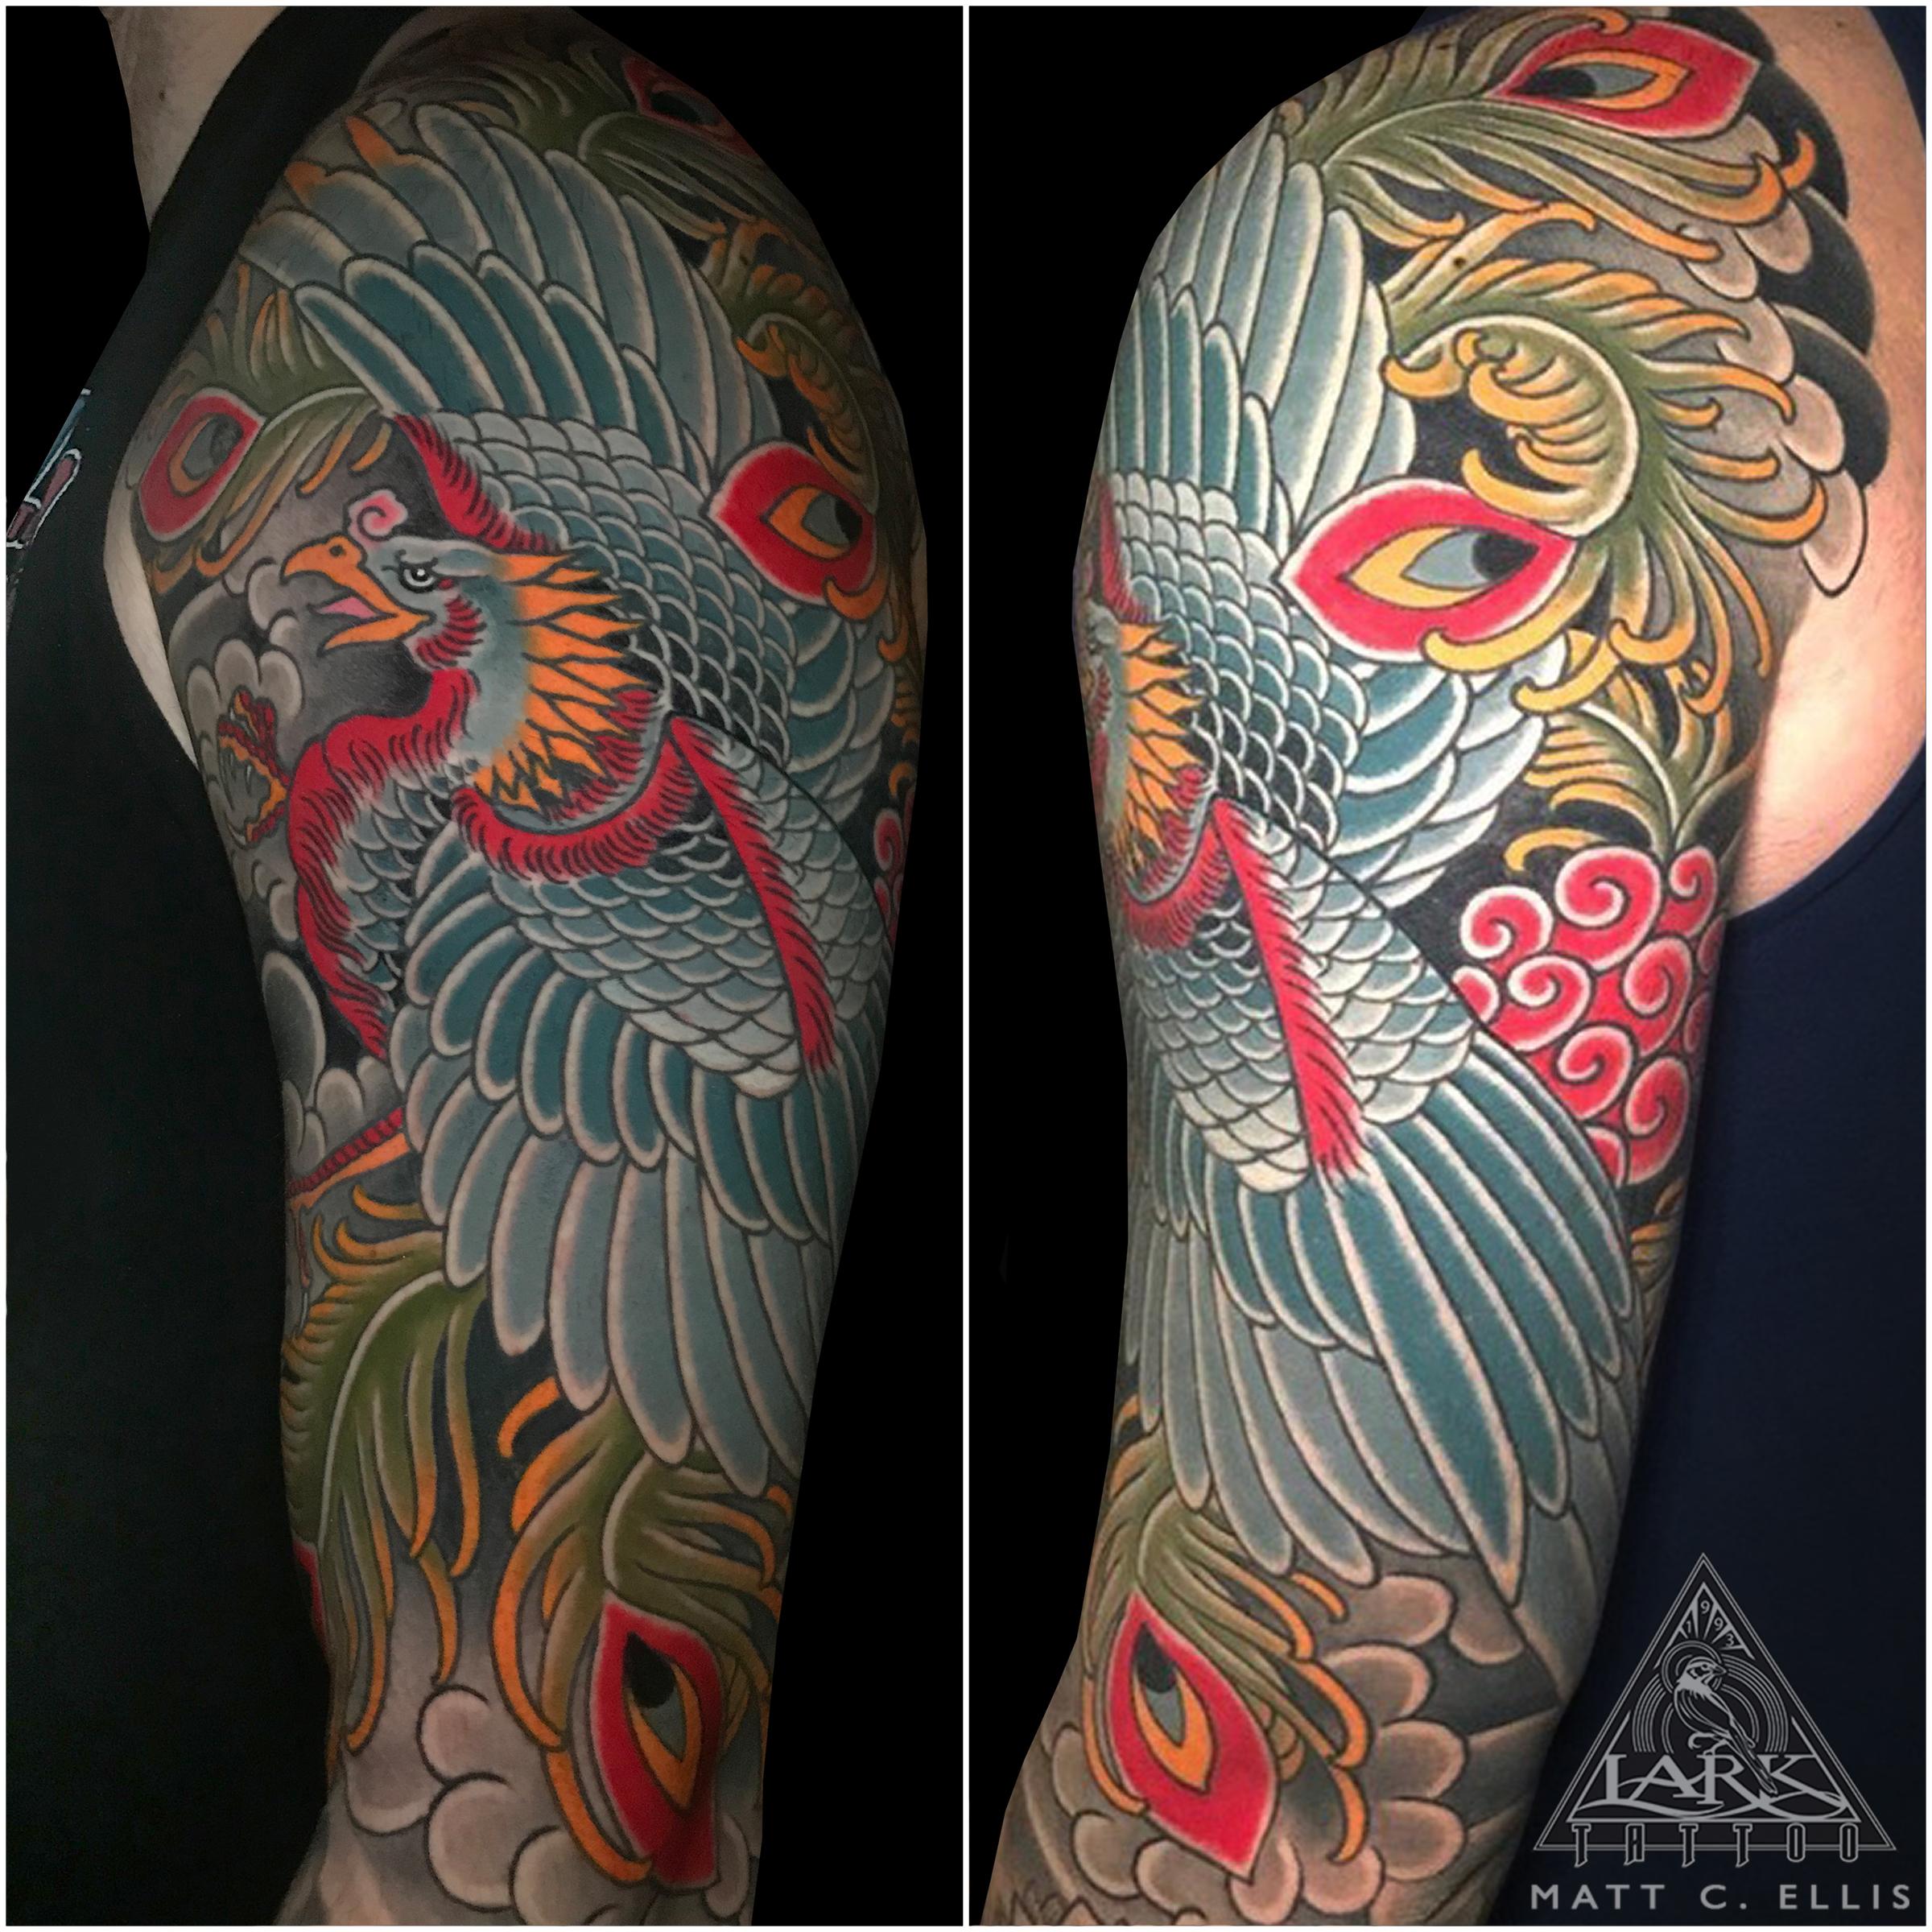 #Japanese #JapaneseTattoo #TraditionalJapaneseTattoo #JapanesePheonix #JapanesePheonixTattoo #Pheonix #PheonixTattoo #ArmTattoo #TattooSleeve #TattooHalfSleeve #ColorTattoo #JapaneseArt #LarkTattoo #tattoo #tattoos #tat #tats #tatts #tatted #tattedup #tattoist #tattooed #inked #inkedup #ink #tattoooftheday #amazingink #bodyart #larktattoos #larktattoowestbury #westbury #longisland #NY #NewYork #usa #art